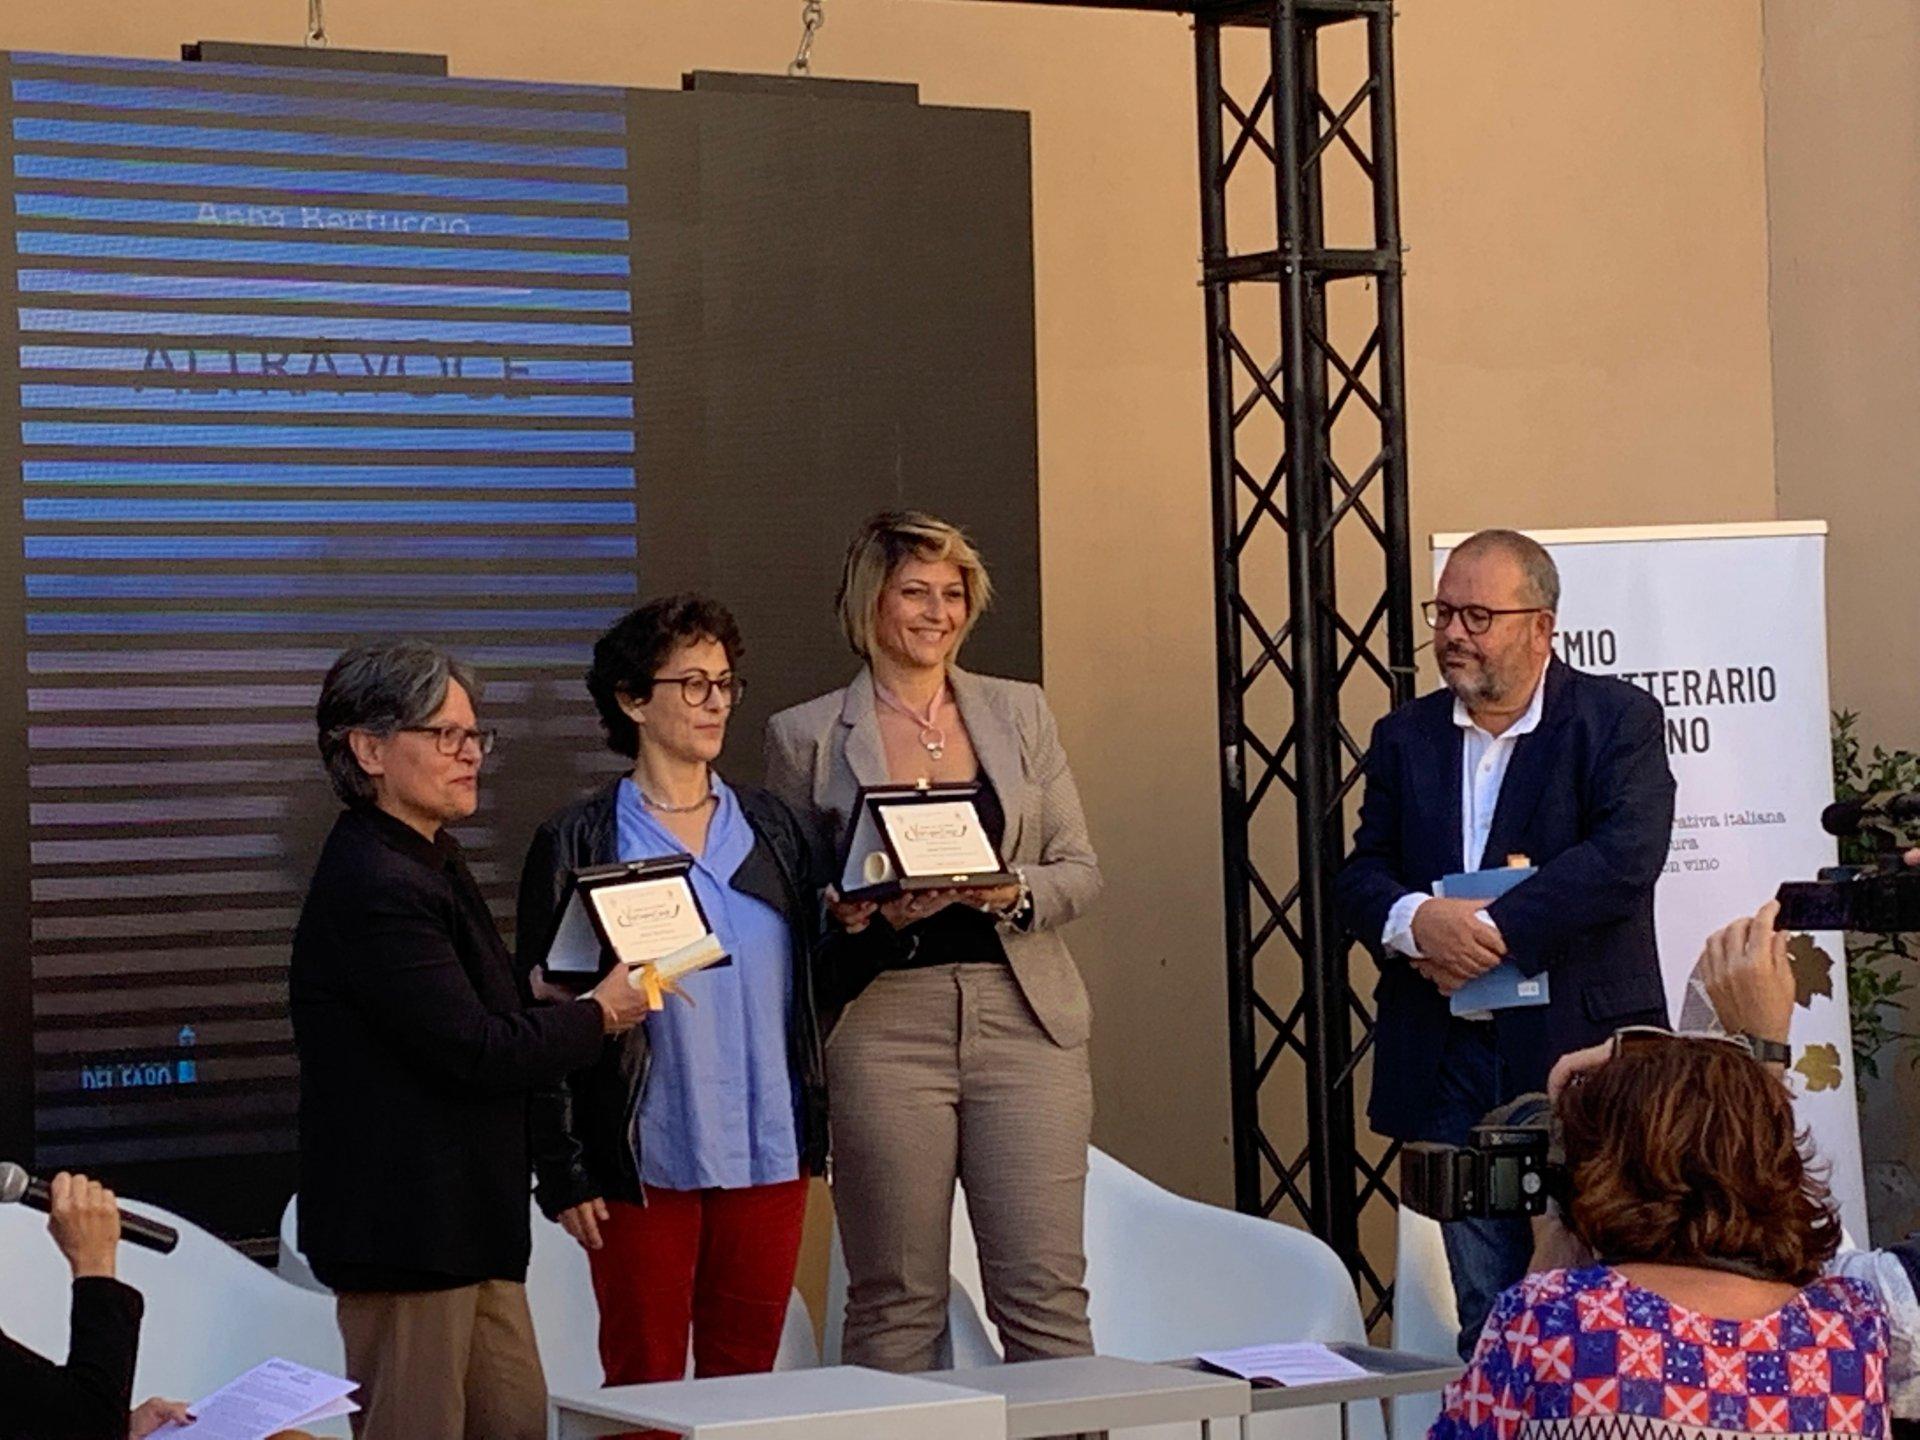 Terza edizione del Premio enoletterario Vermentino 2019, vince il romanzo